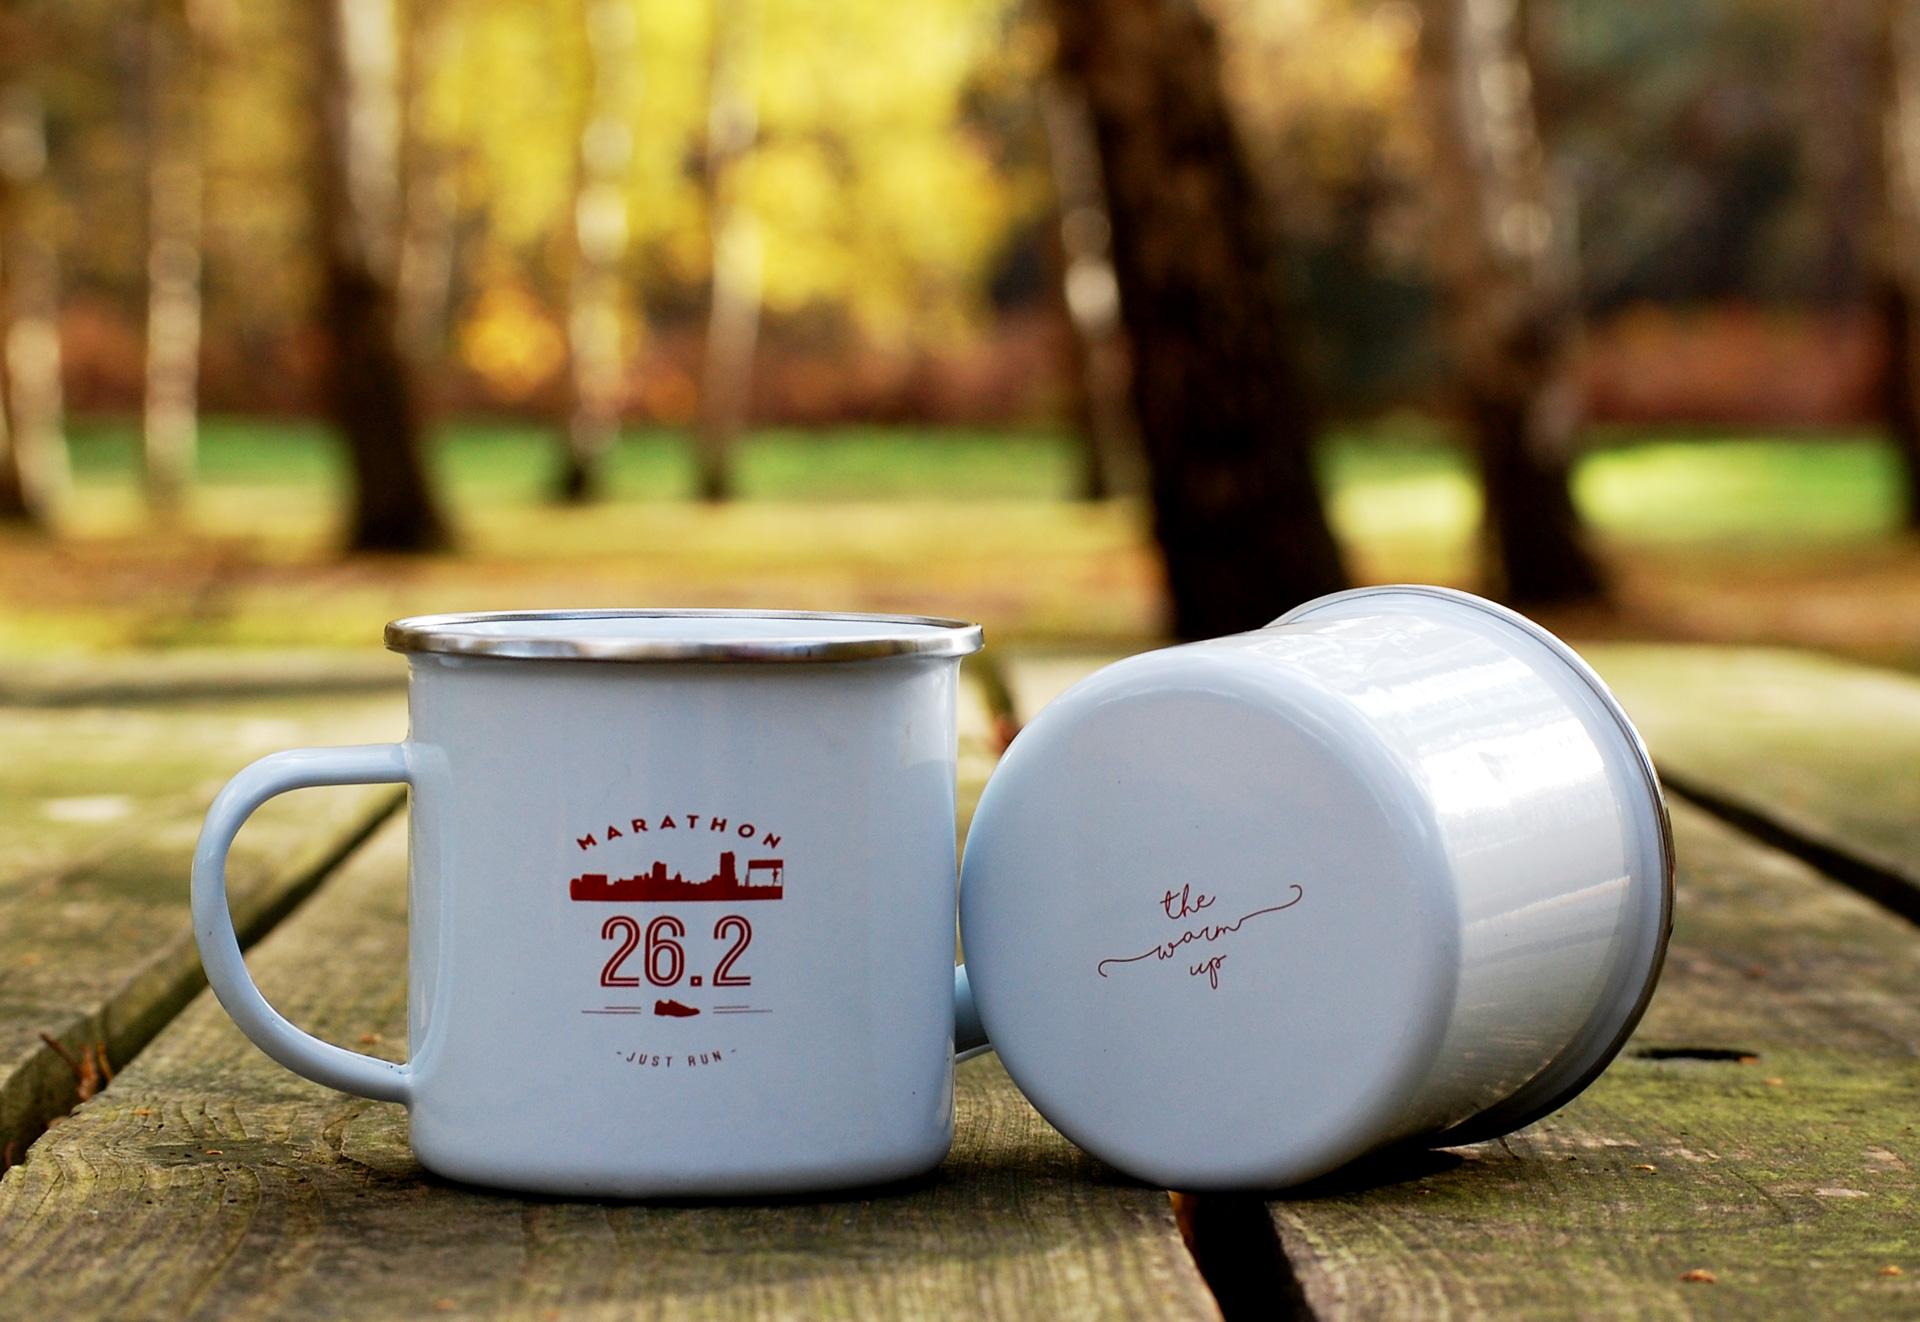 26.2 - The Marathon Mug